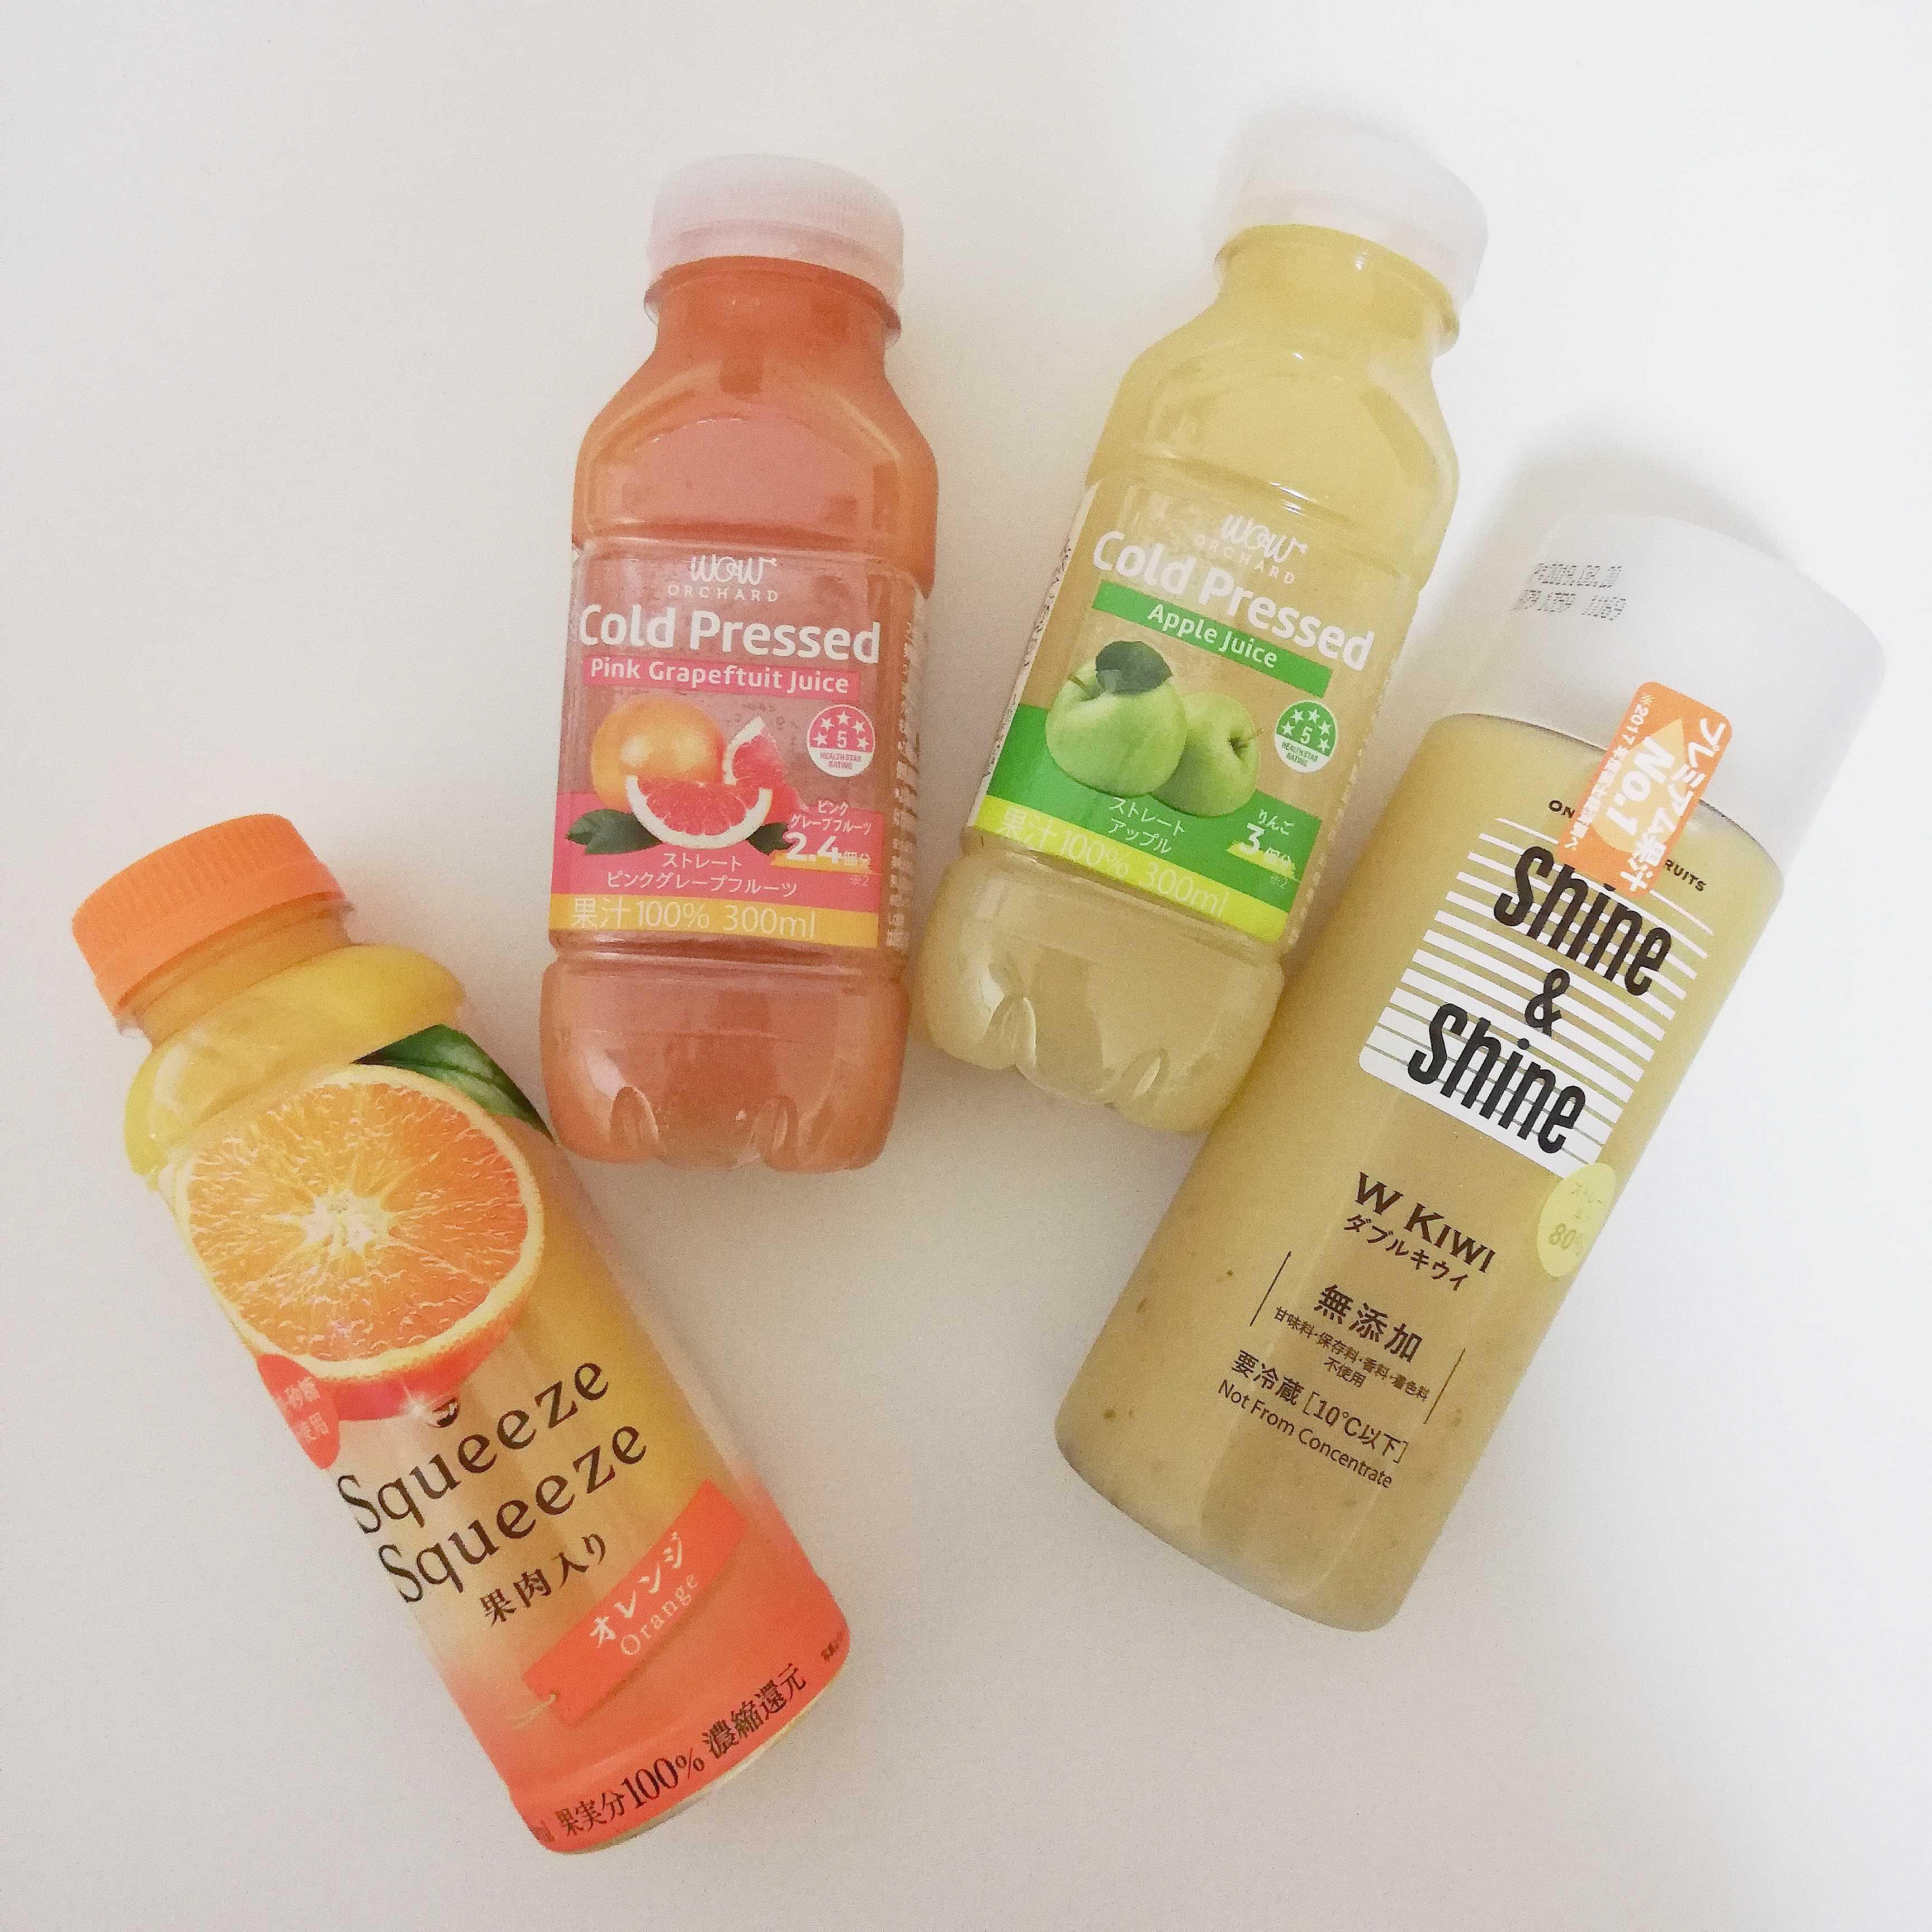 コンビニで買えちゃう「フルーツジュース」がどれも本格的すぎるって知ってた?今回は4種類を比較しました♡